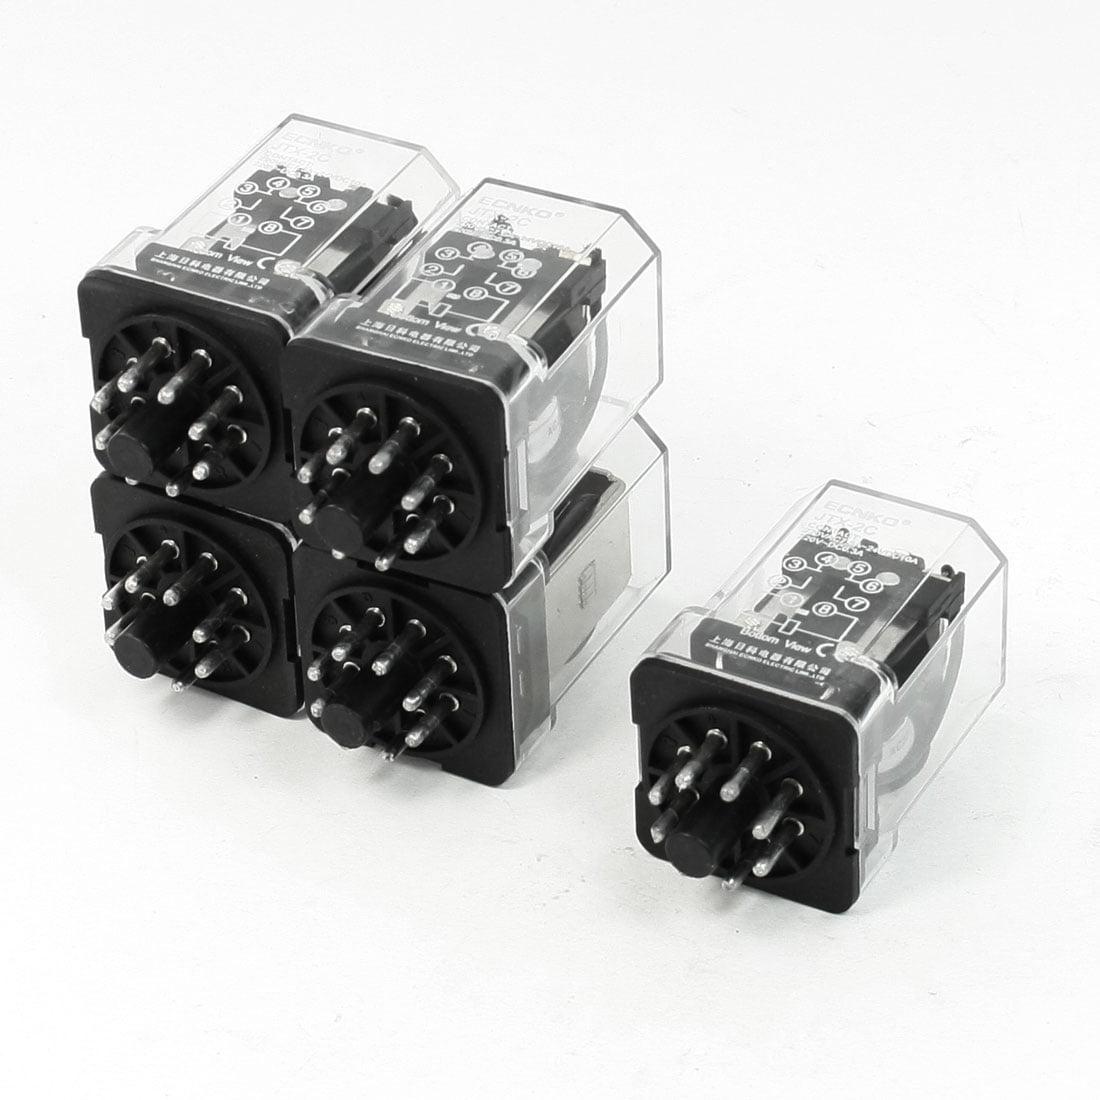 Unique Bargains  220V Coil Electromagnetic Relay 8 Pins 3PDT 2 NO 2 NC JQX-2C 5Pcs - image 1 de 1